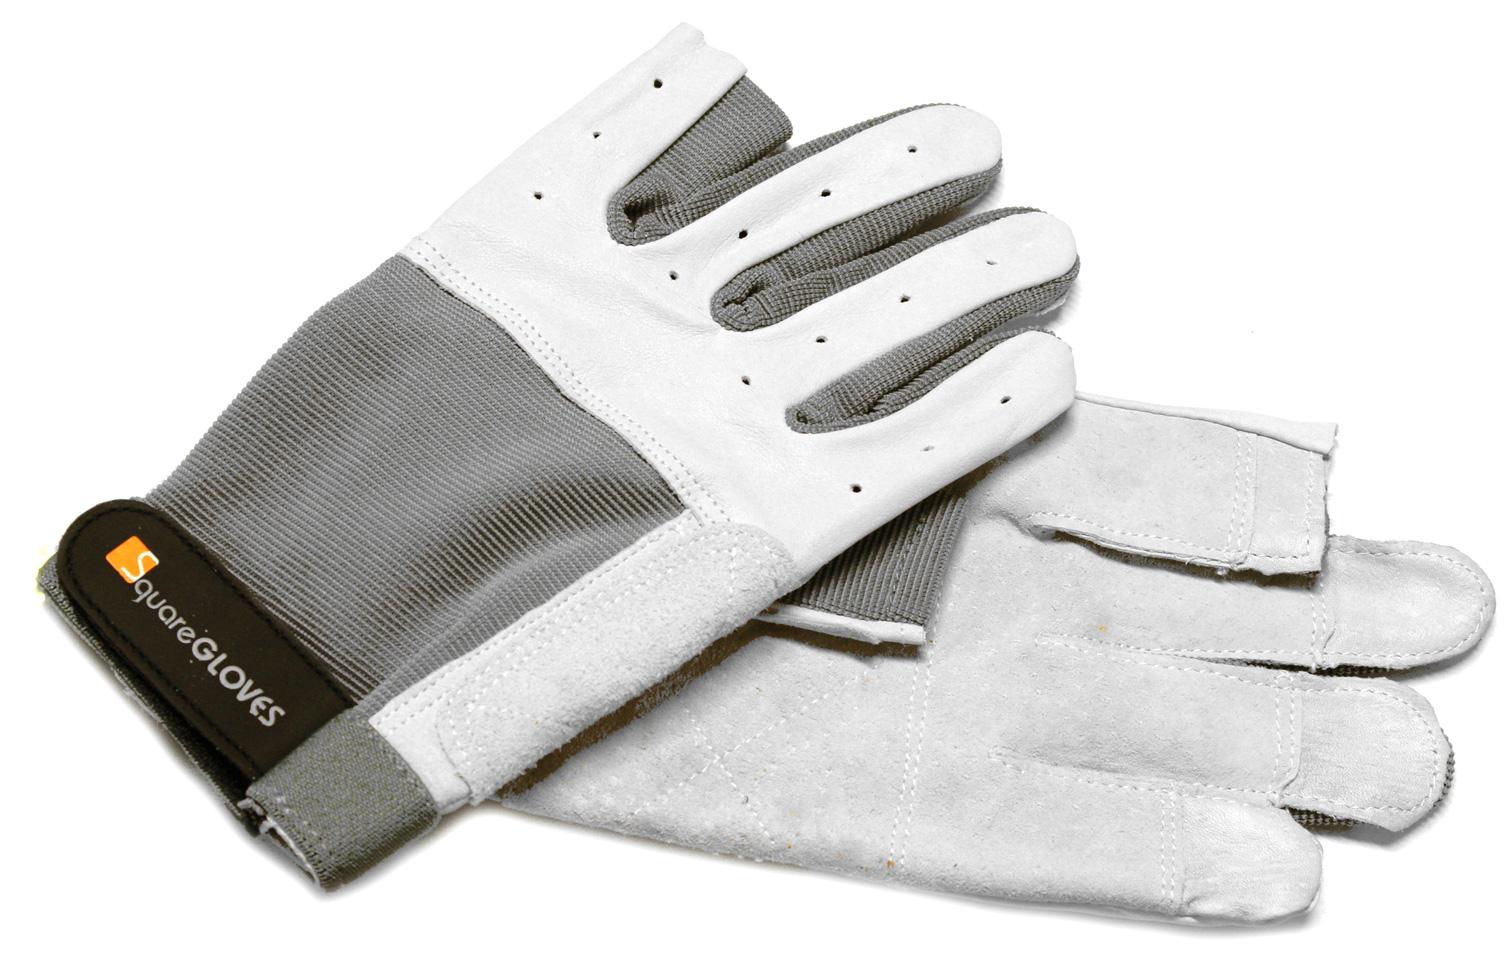 Rukavice Roadie Pro, velikost L, světle šedé